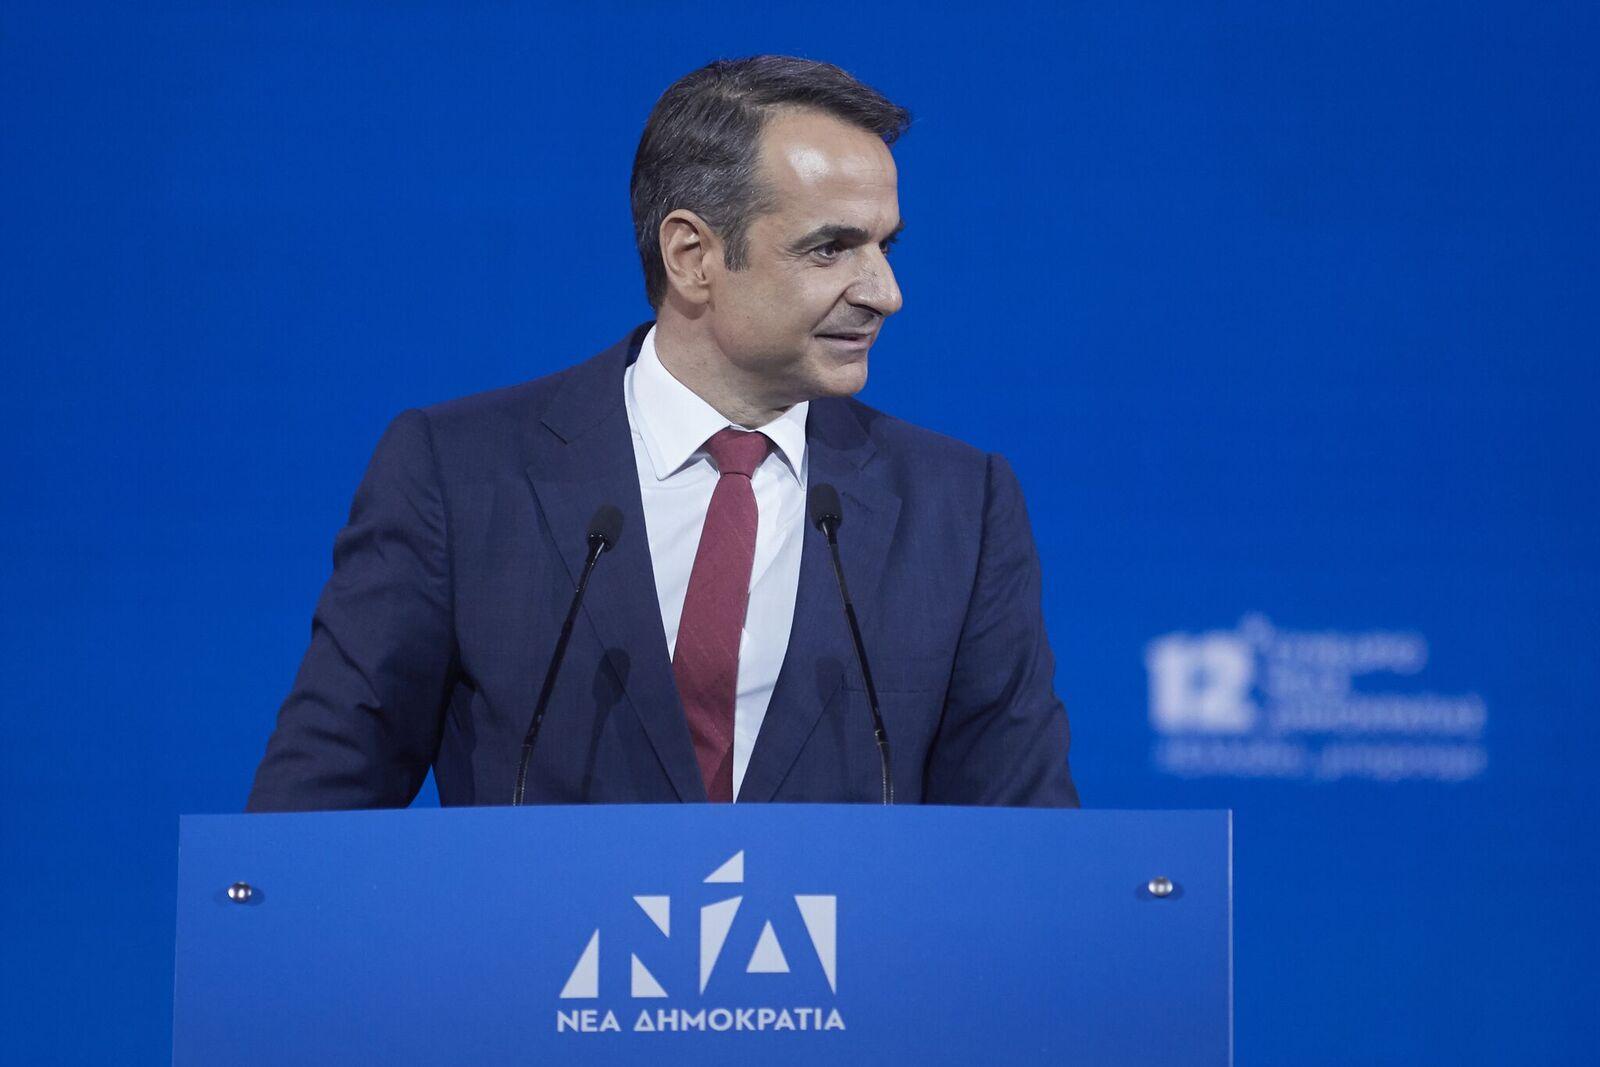 Ο Μητσοτάκης προτρέπει τους πολίτες να ψηφίσουν στις επικείμενες εκλογές